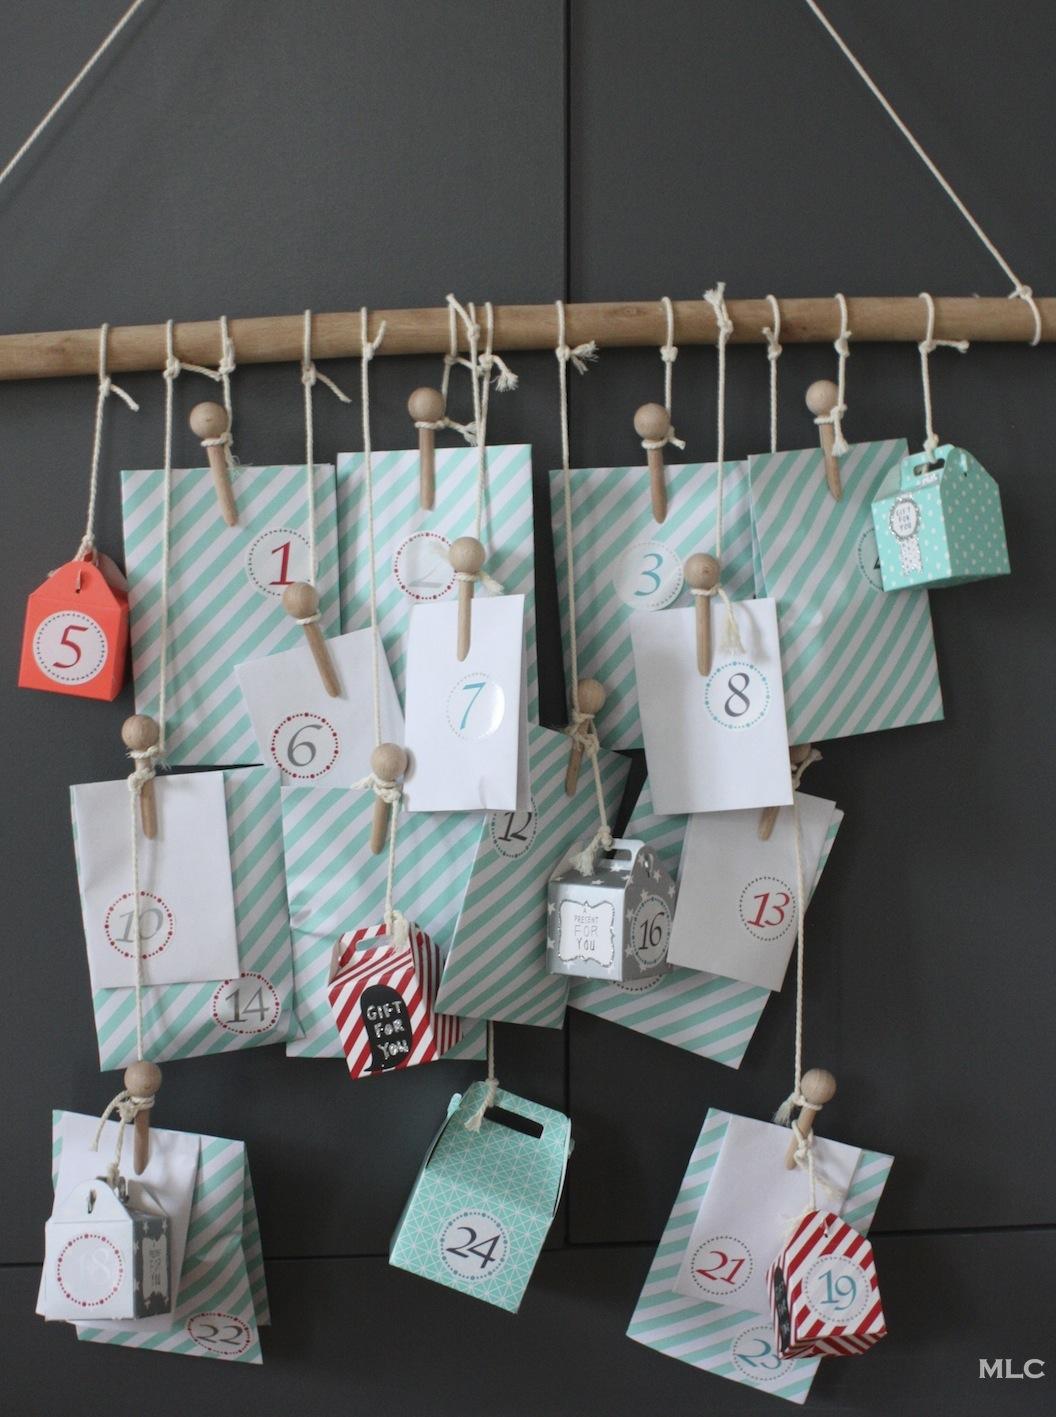 idée cadeau pour joli calendrier de l'avent fait maison *Blog déco MLC